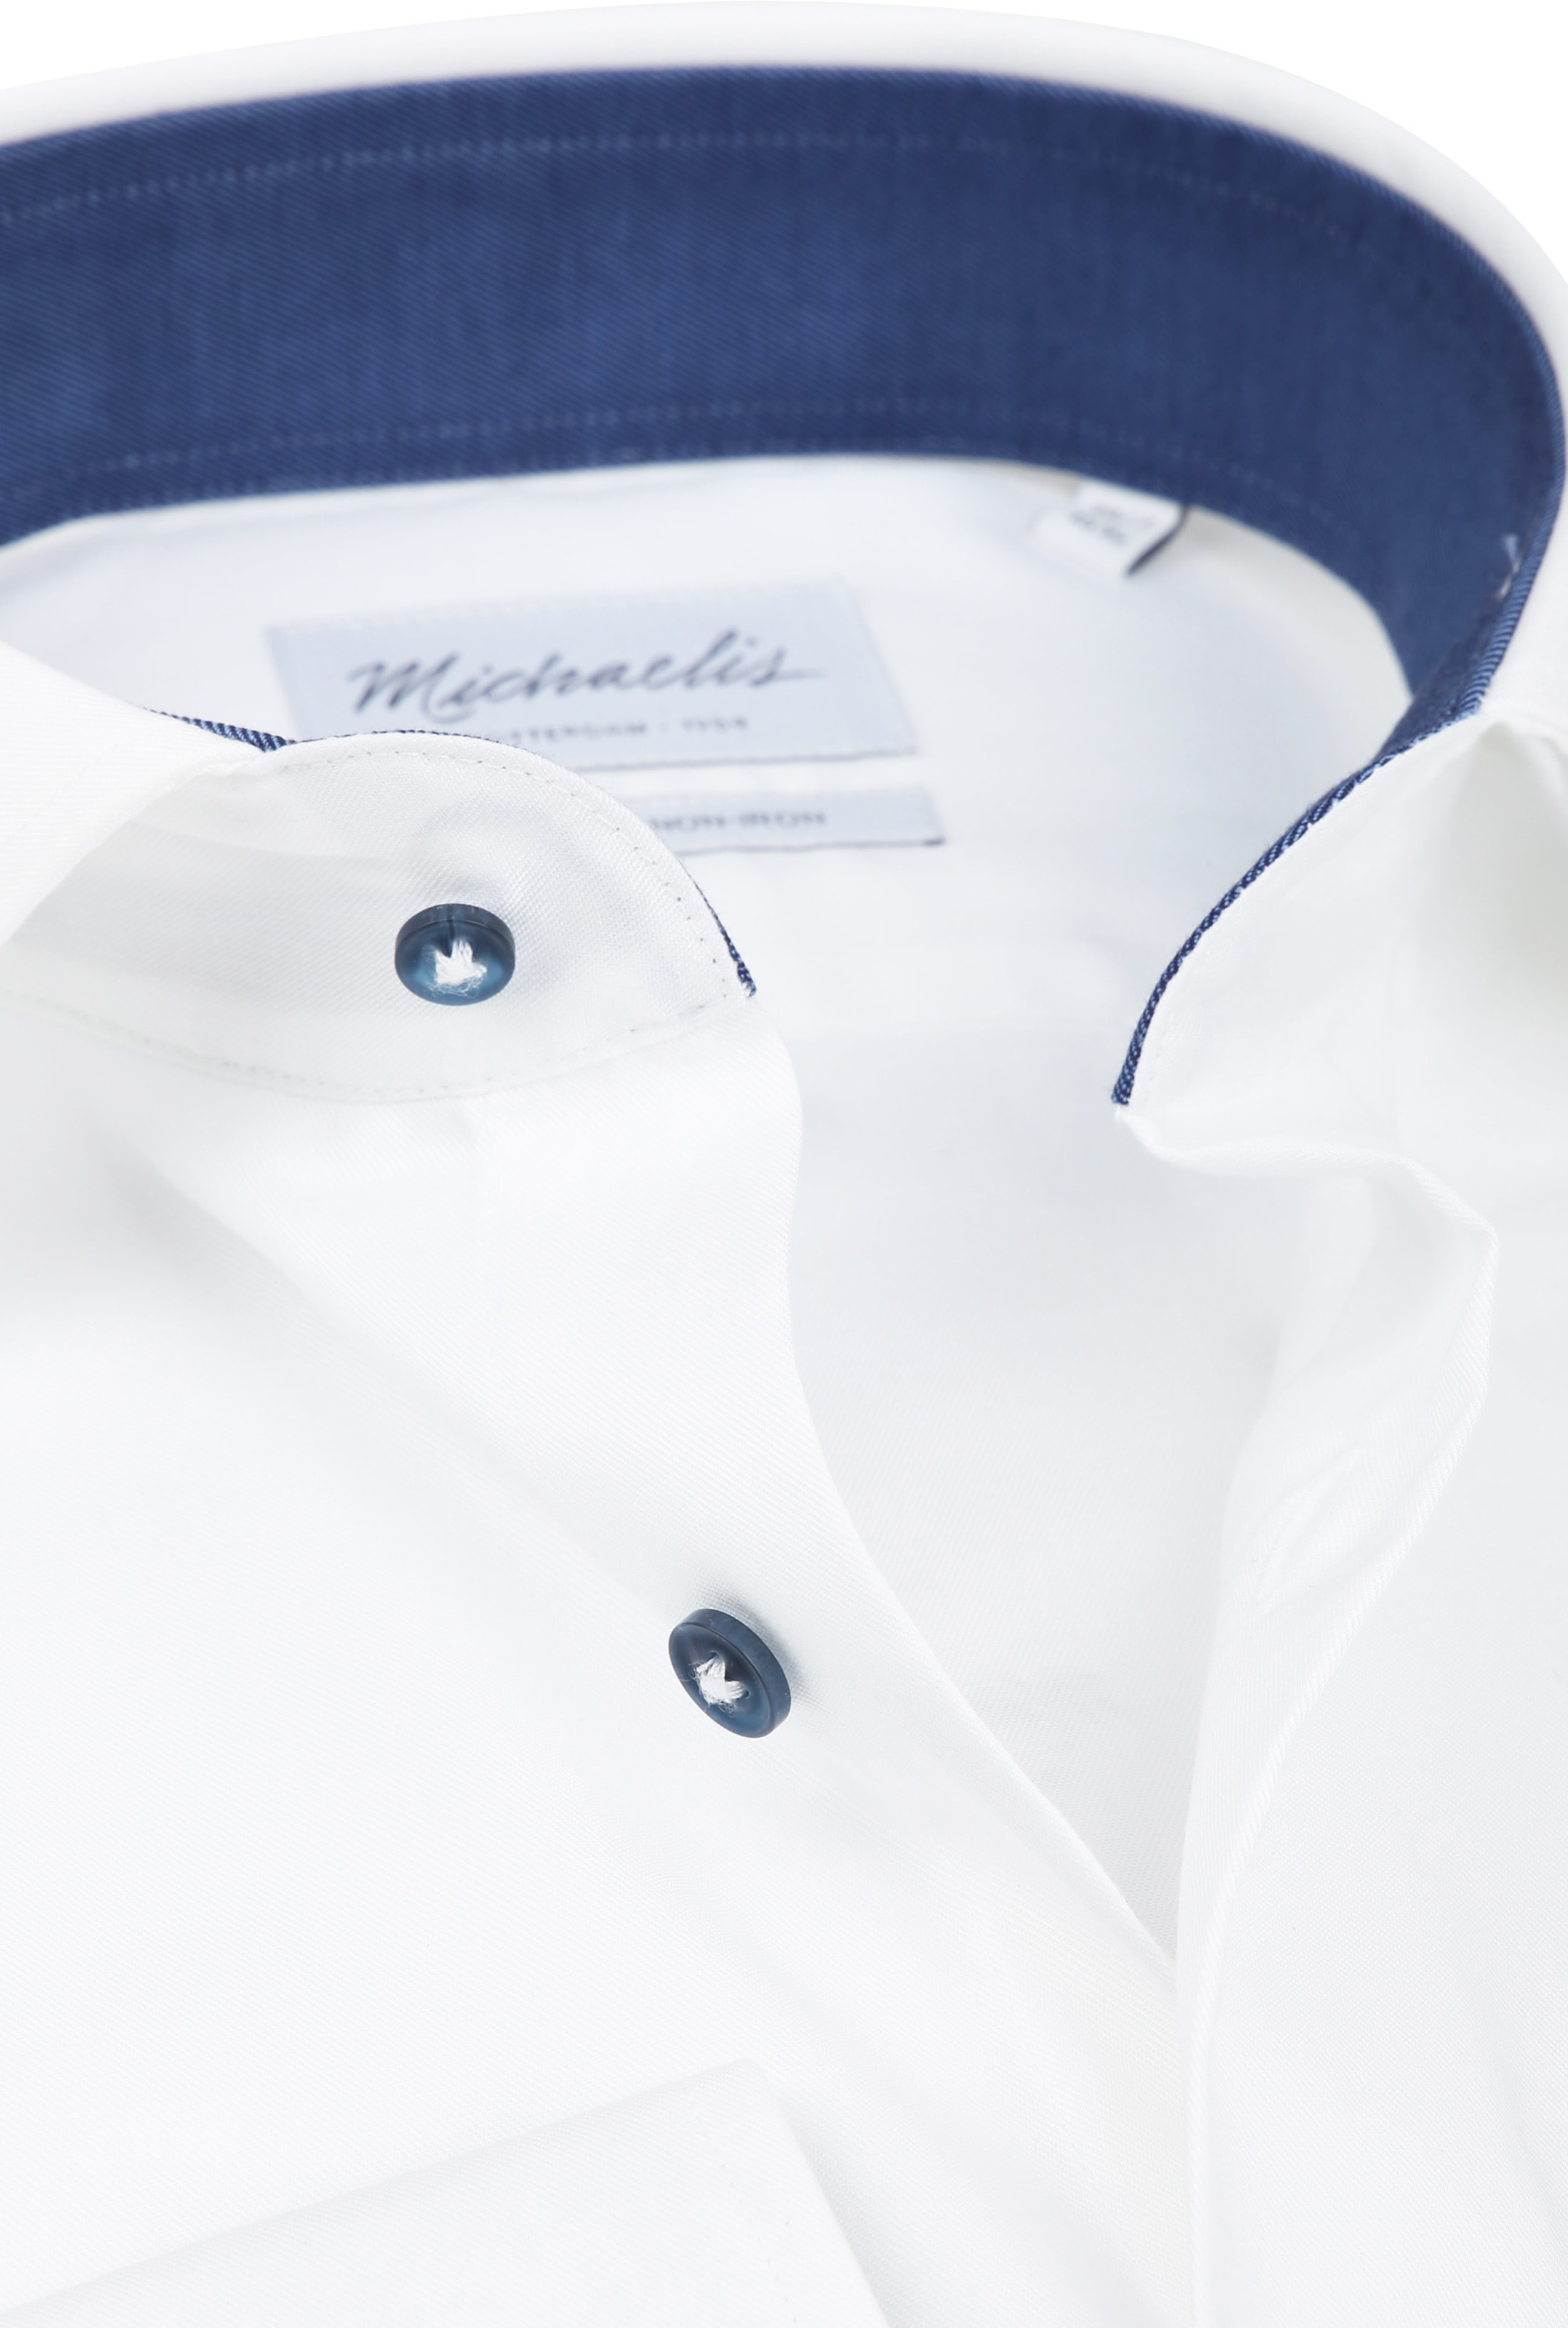 Michaelis Shirt White Non Iron SL7 foto 1